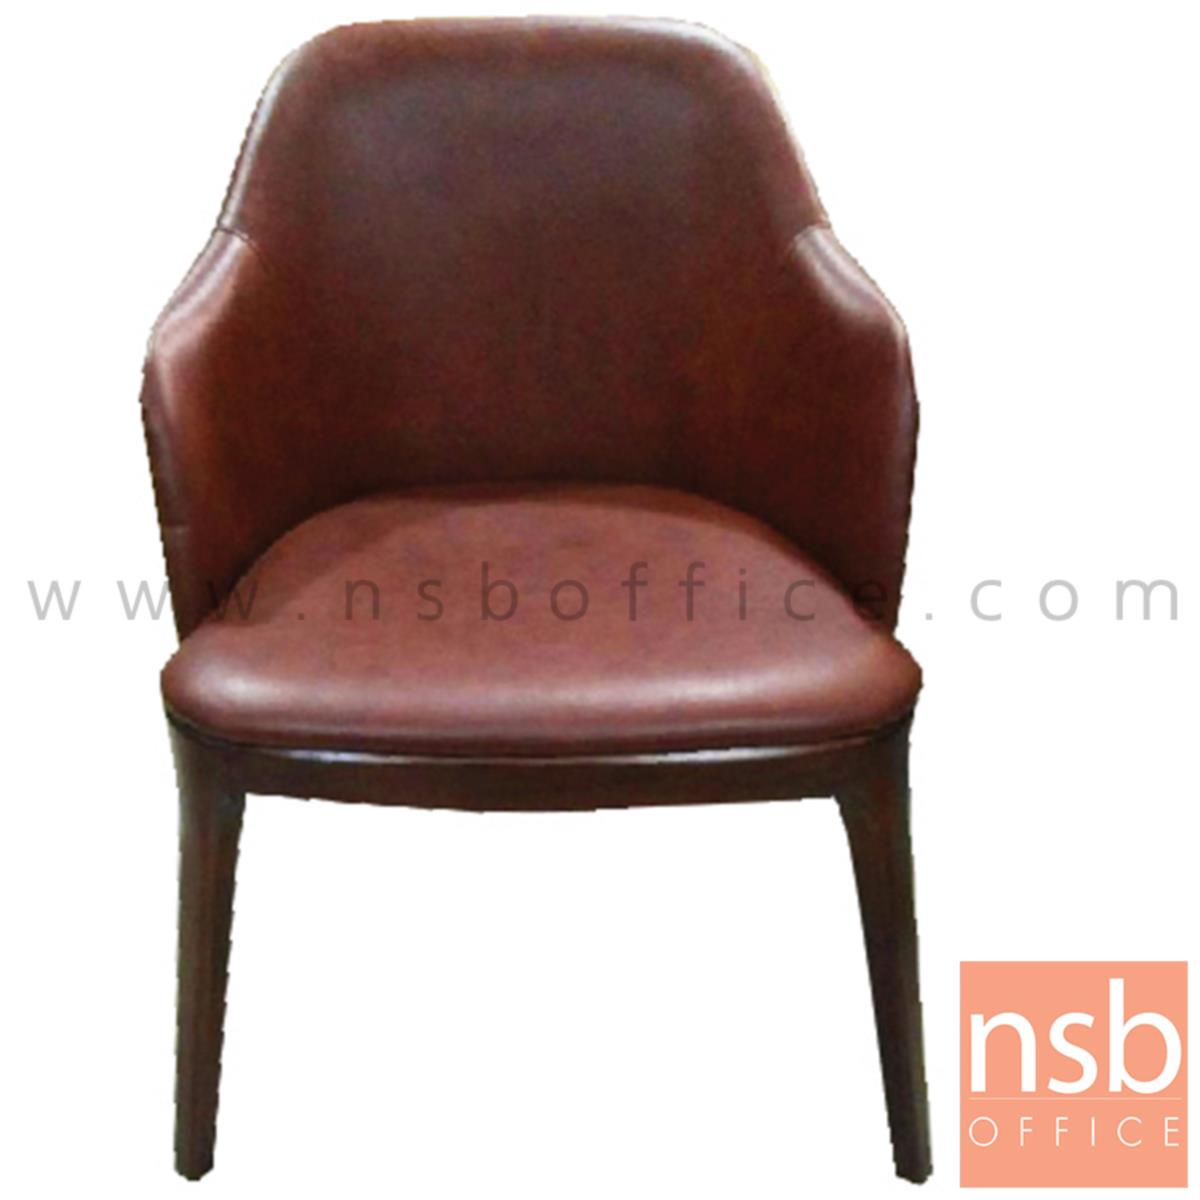 B29A347:เก้าอี้รับรองหุ้มหนังเทียม Thomas ขาไม้ยางขอบมน